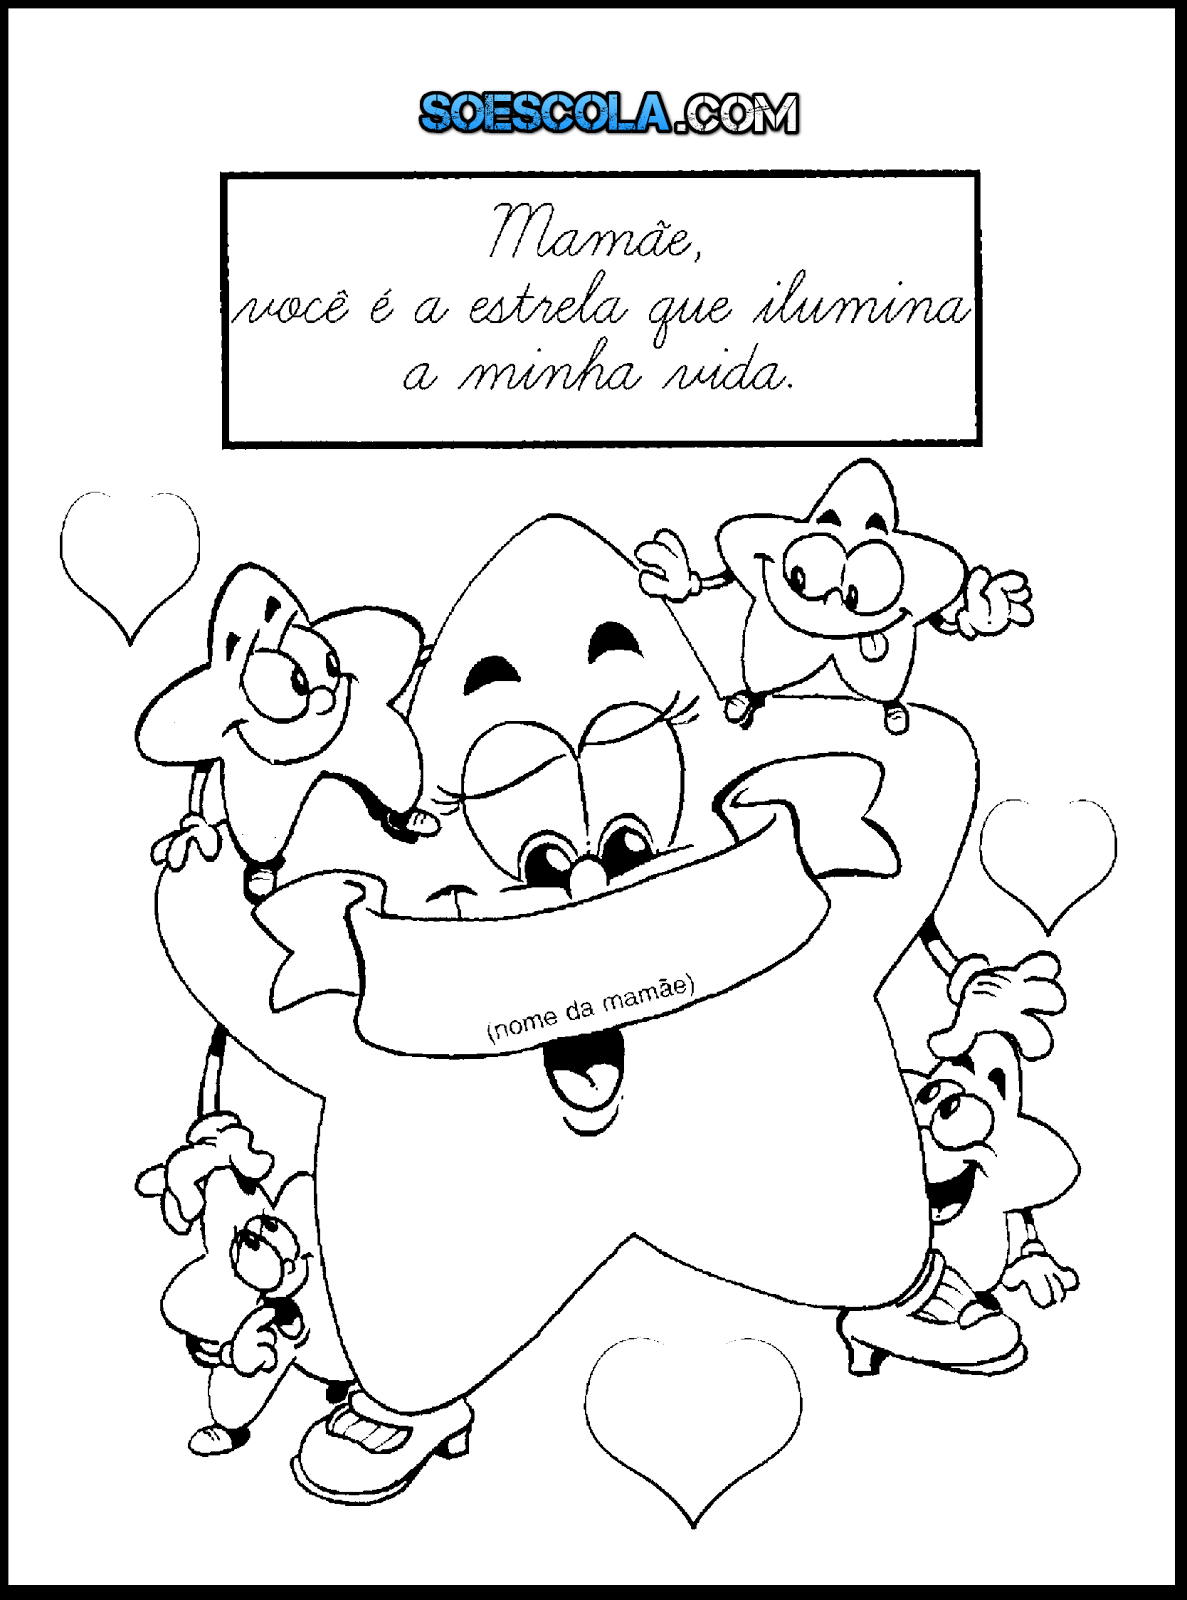 Desenhos Para Imprimir E Colorir Dia Das Maes So Escola